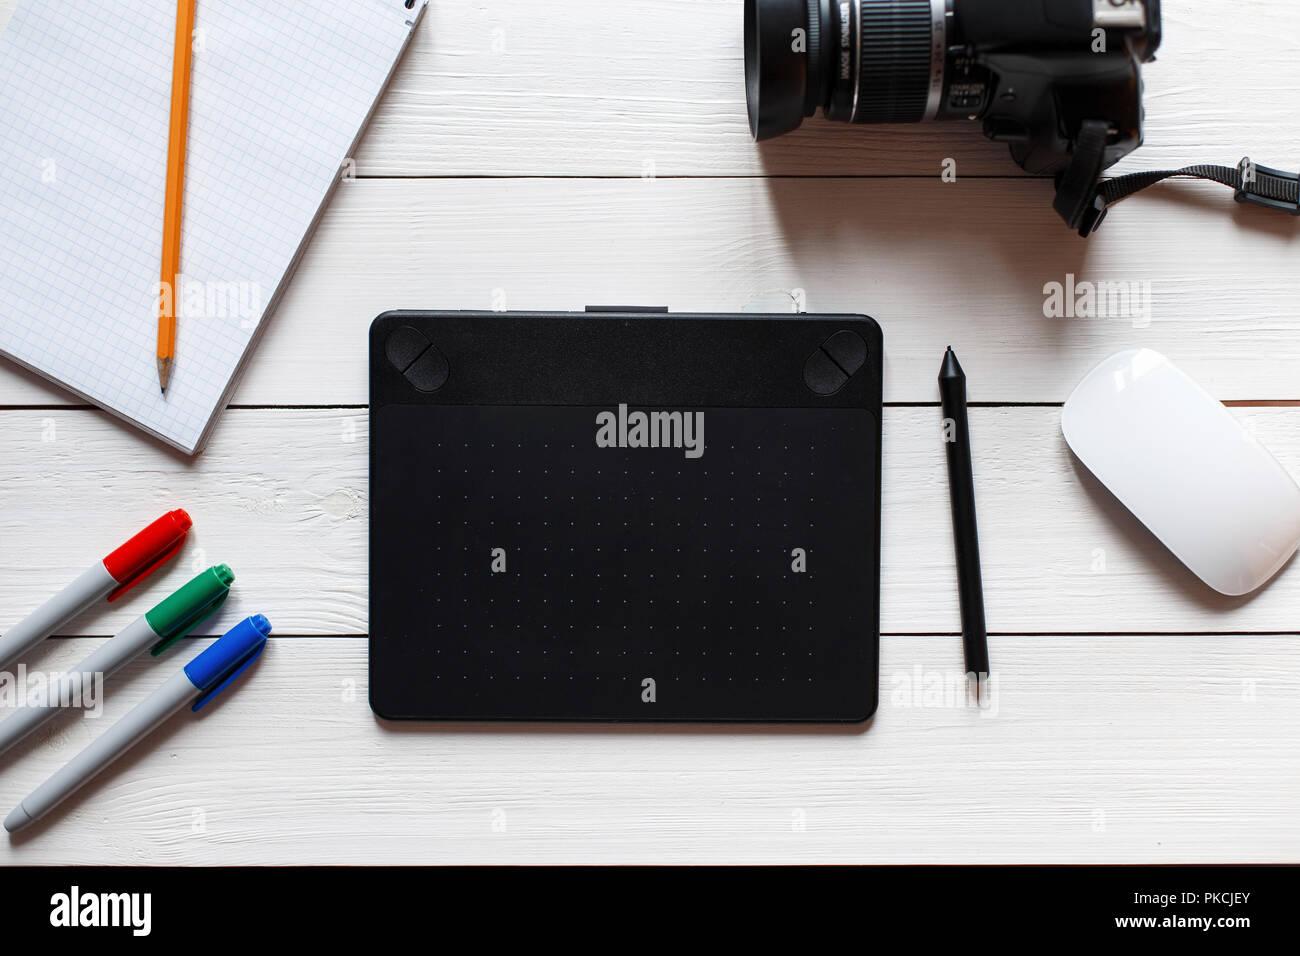 Artiste concept bureau tablette graphique appareil photo